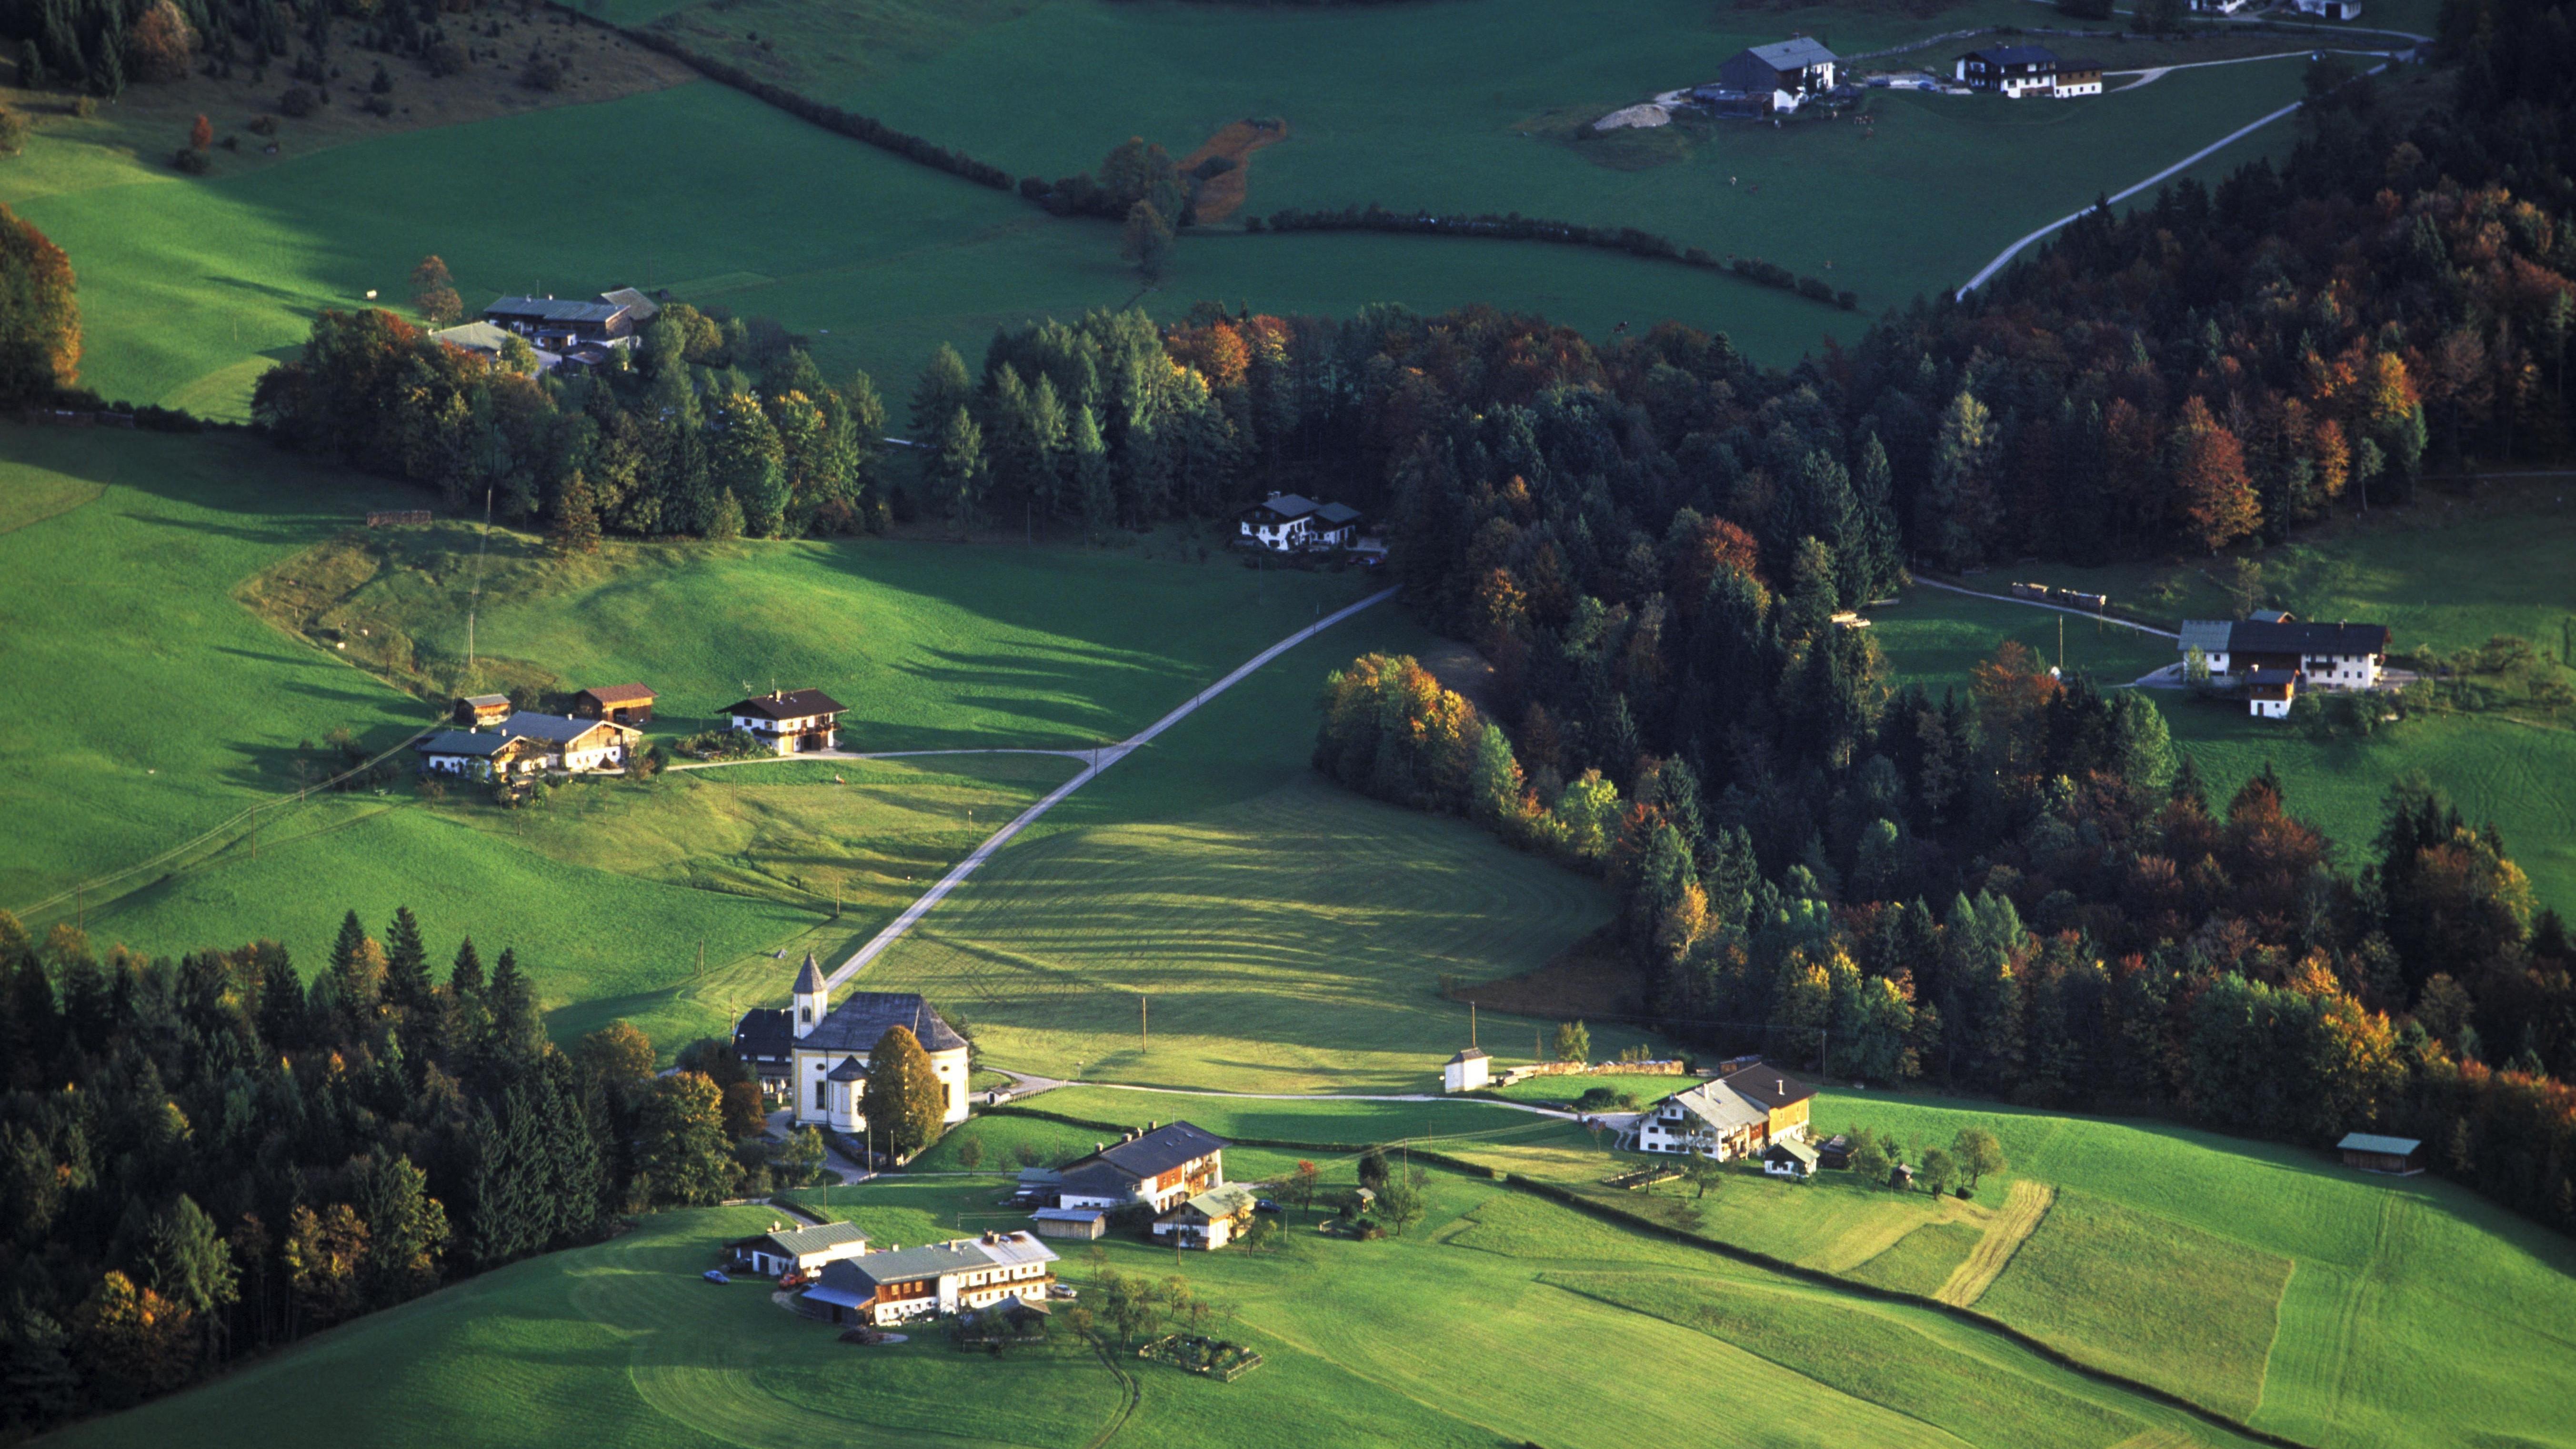 Ettenberg im Berchtesgadener Land, Blick von Kneifelspitze